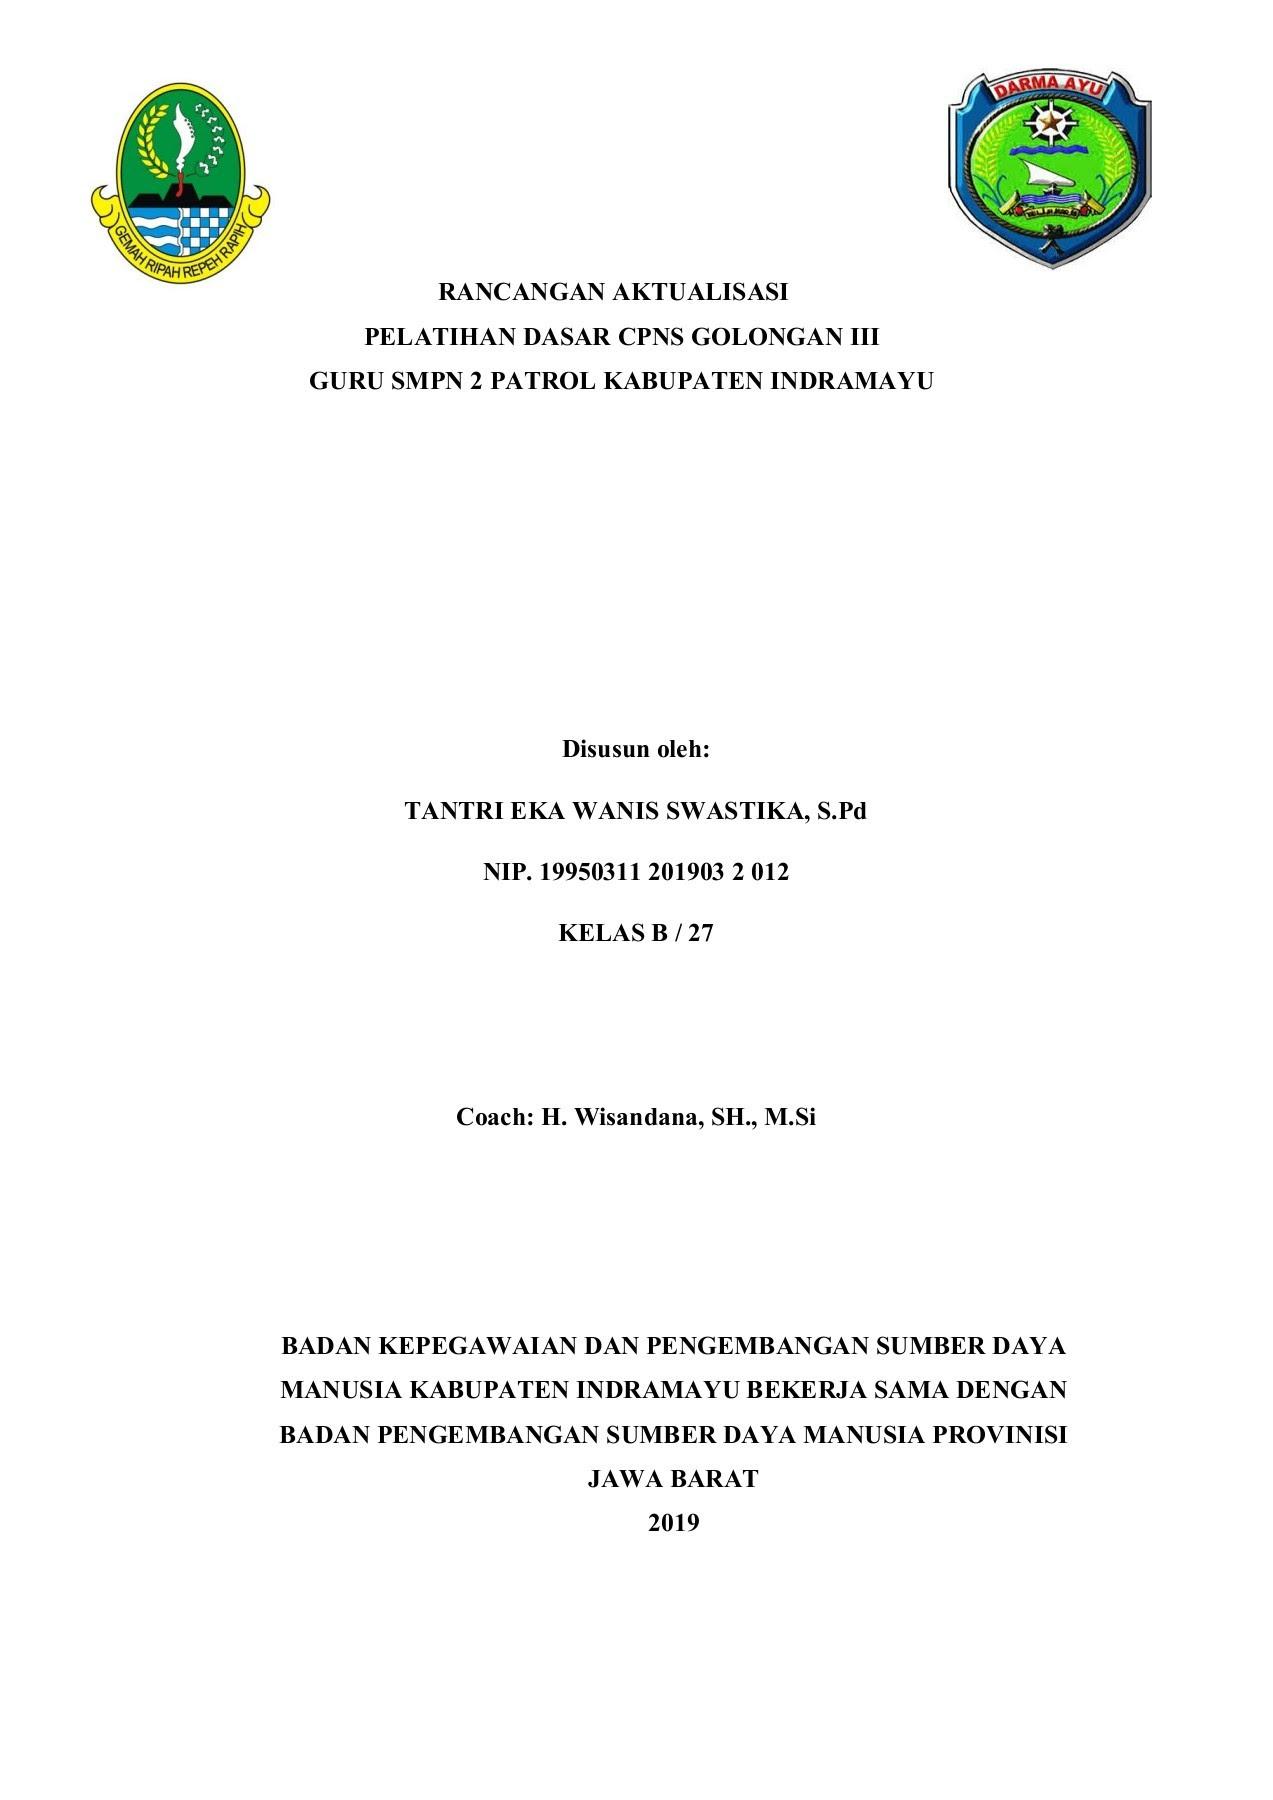 Infocpns Contoh Rancangan Aktualisasi Cpns Guru Smp